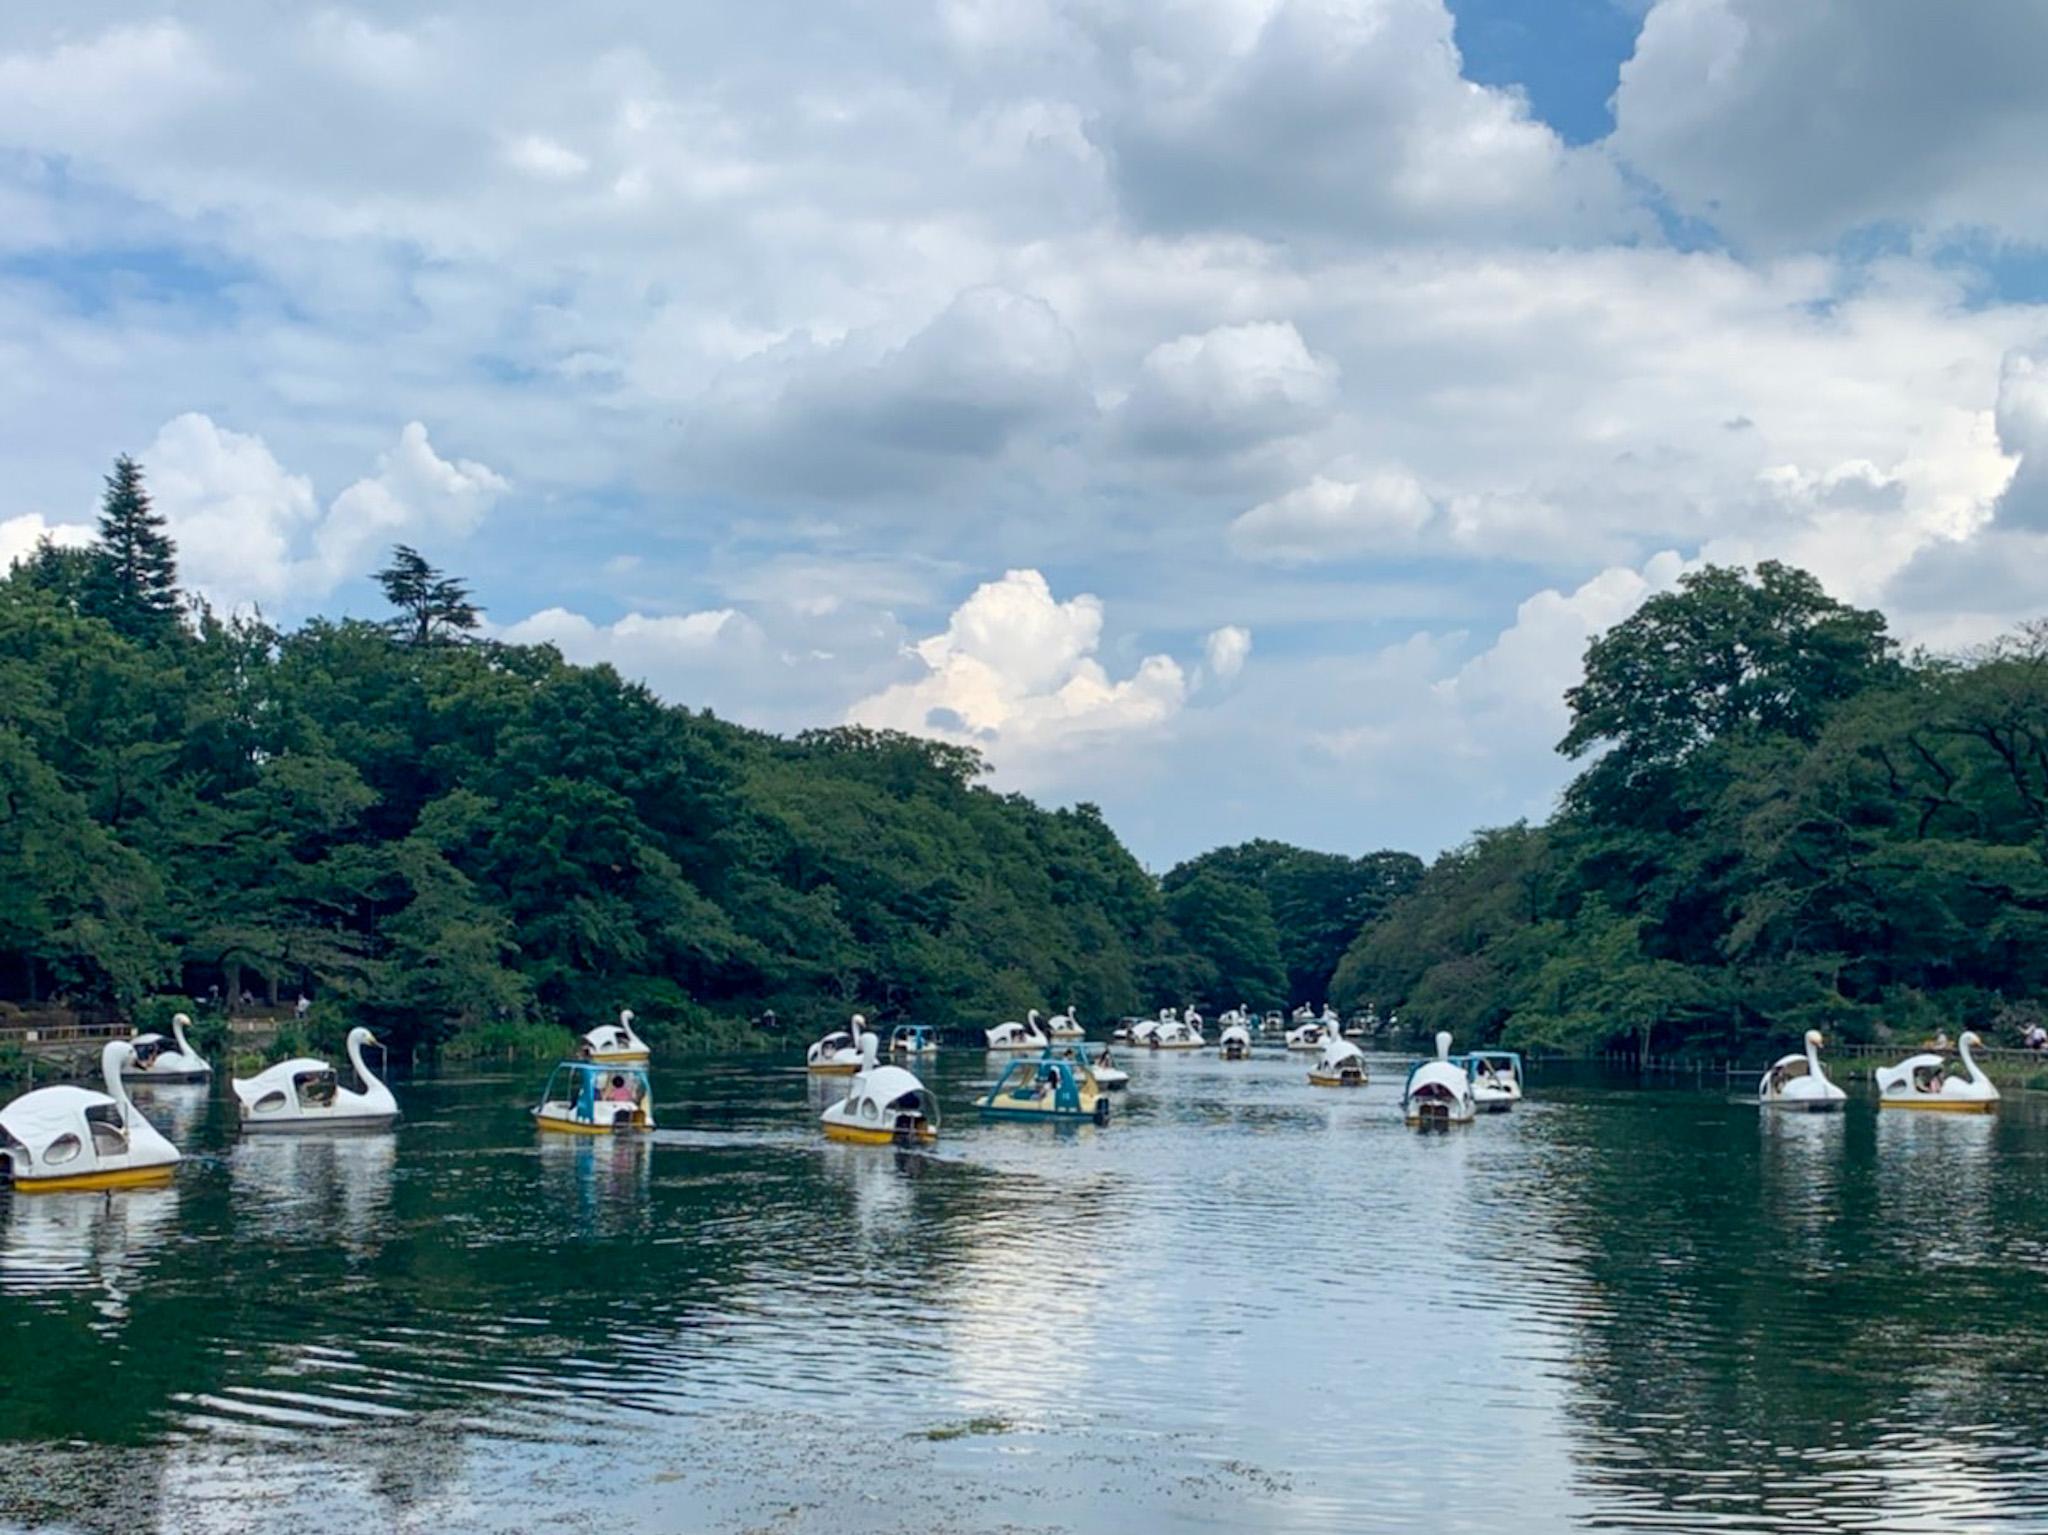 【井の頭公園】吉祥寺からアクセスできる自然豊かな散歩コースのご紹介